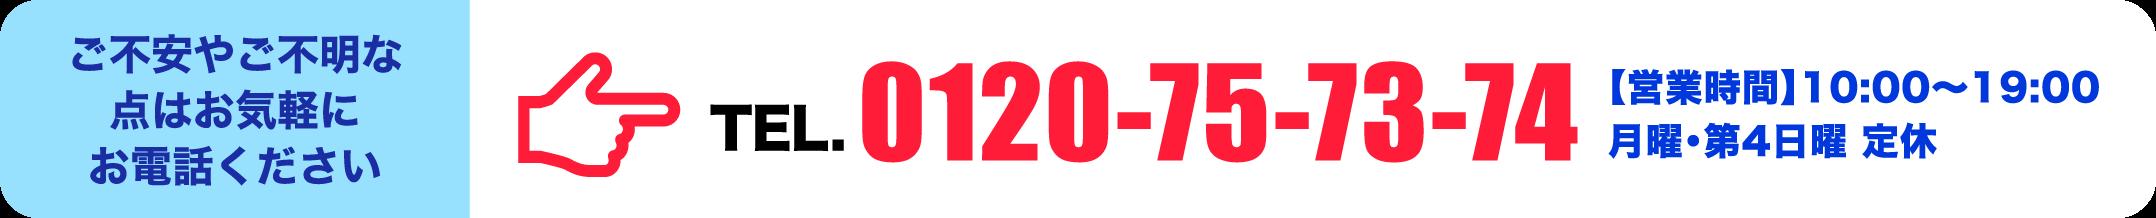 ご不安やご不明な点はお気軽にお電話ください TEL.0120-75-7374